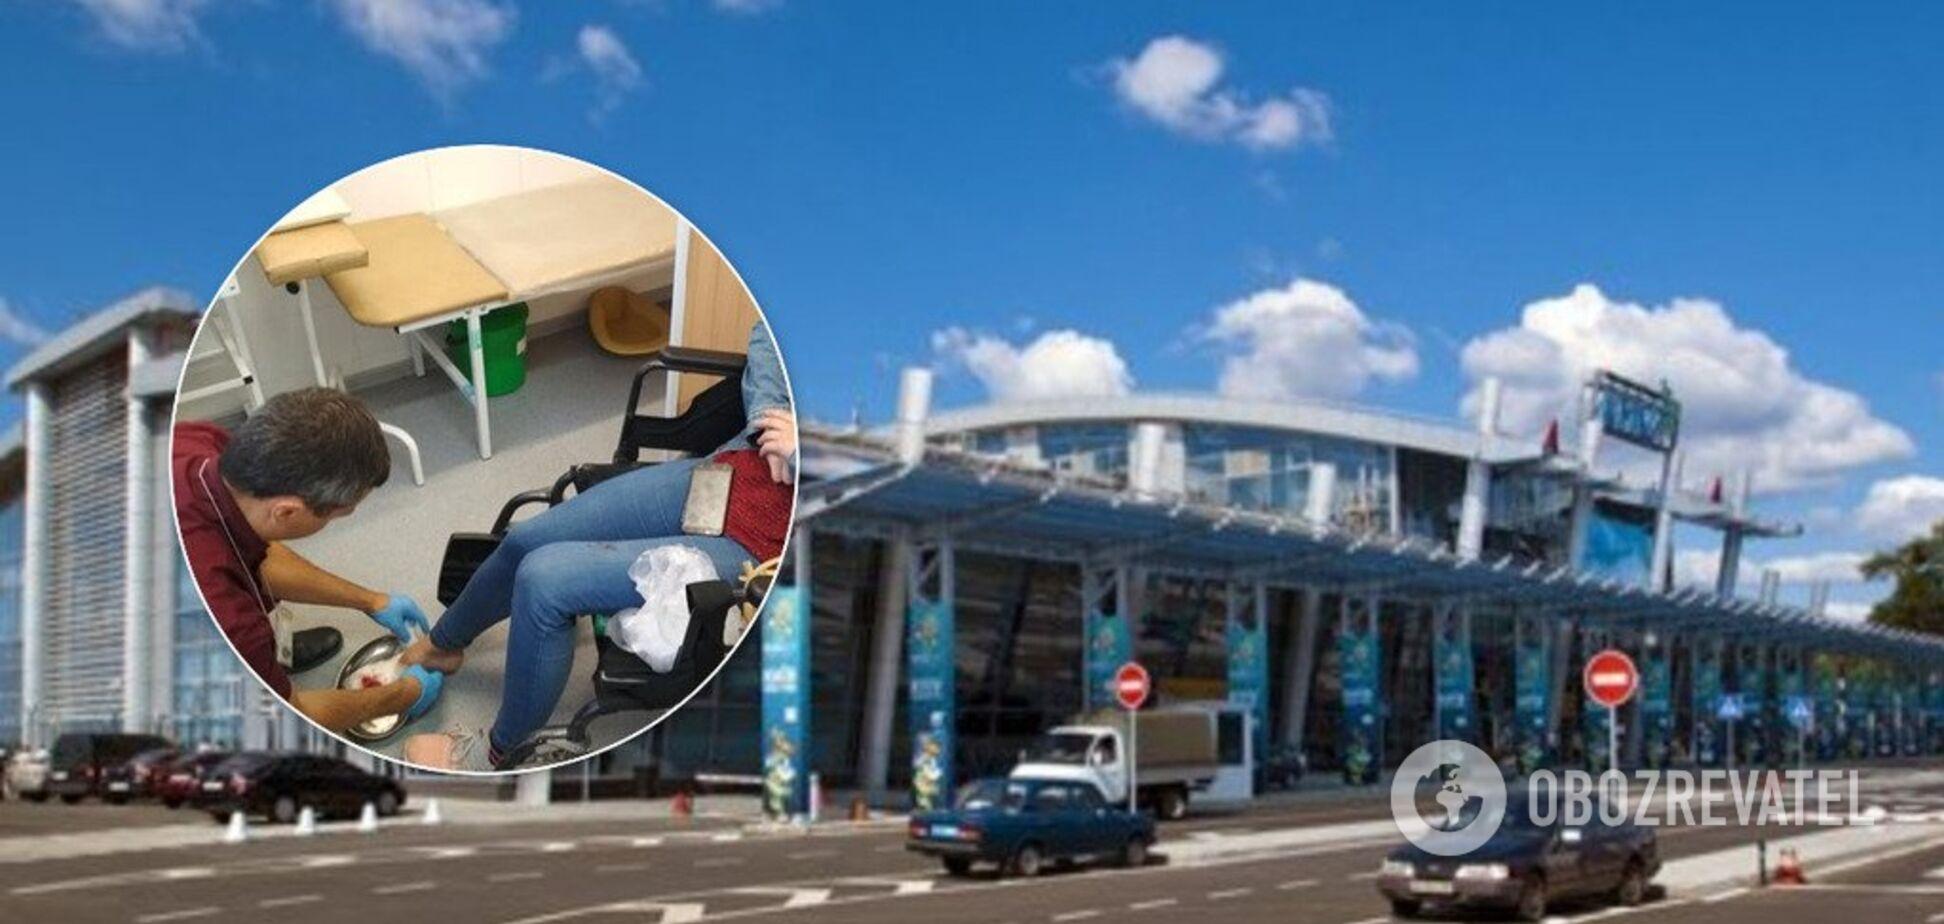 В киевском аэропорту девушке переломали пальцы: фото, видео и подробности ЧП